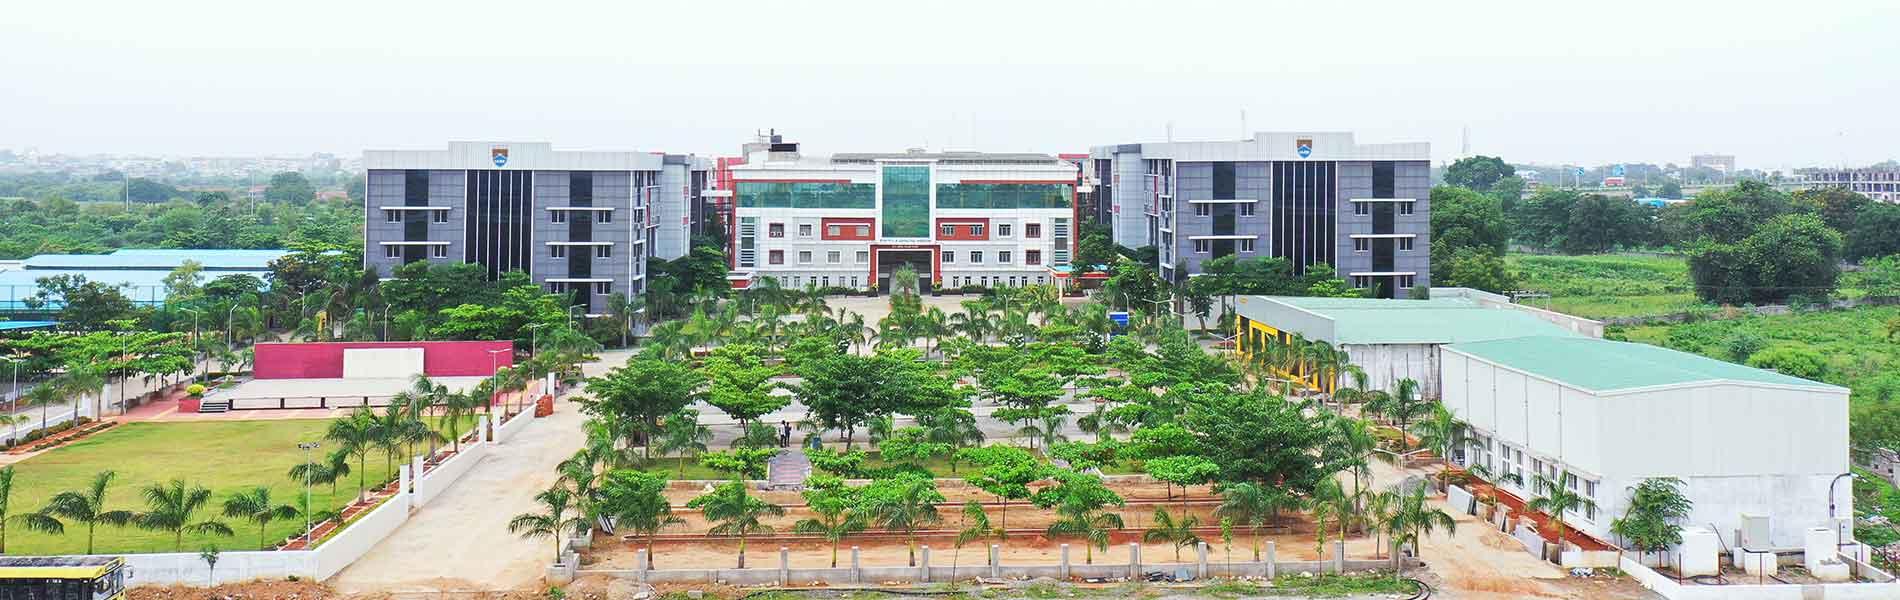 IARE College View